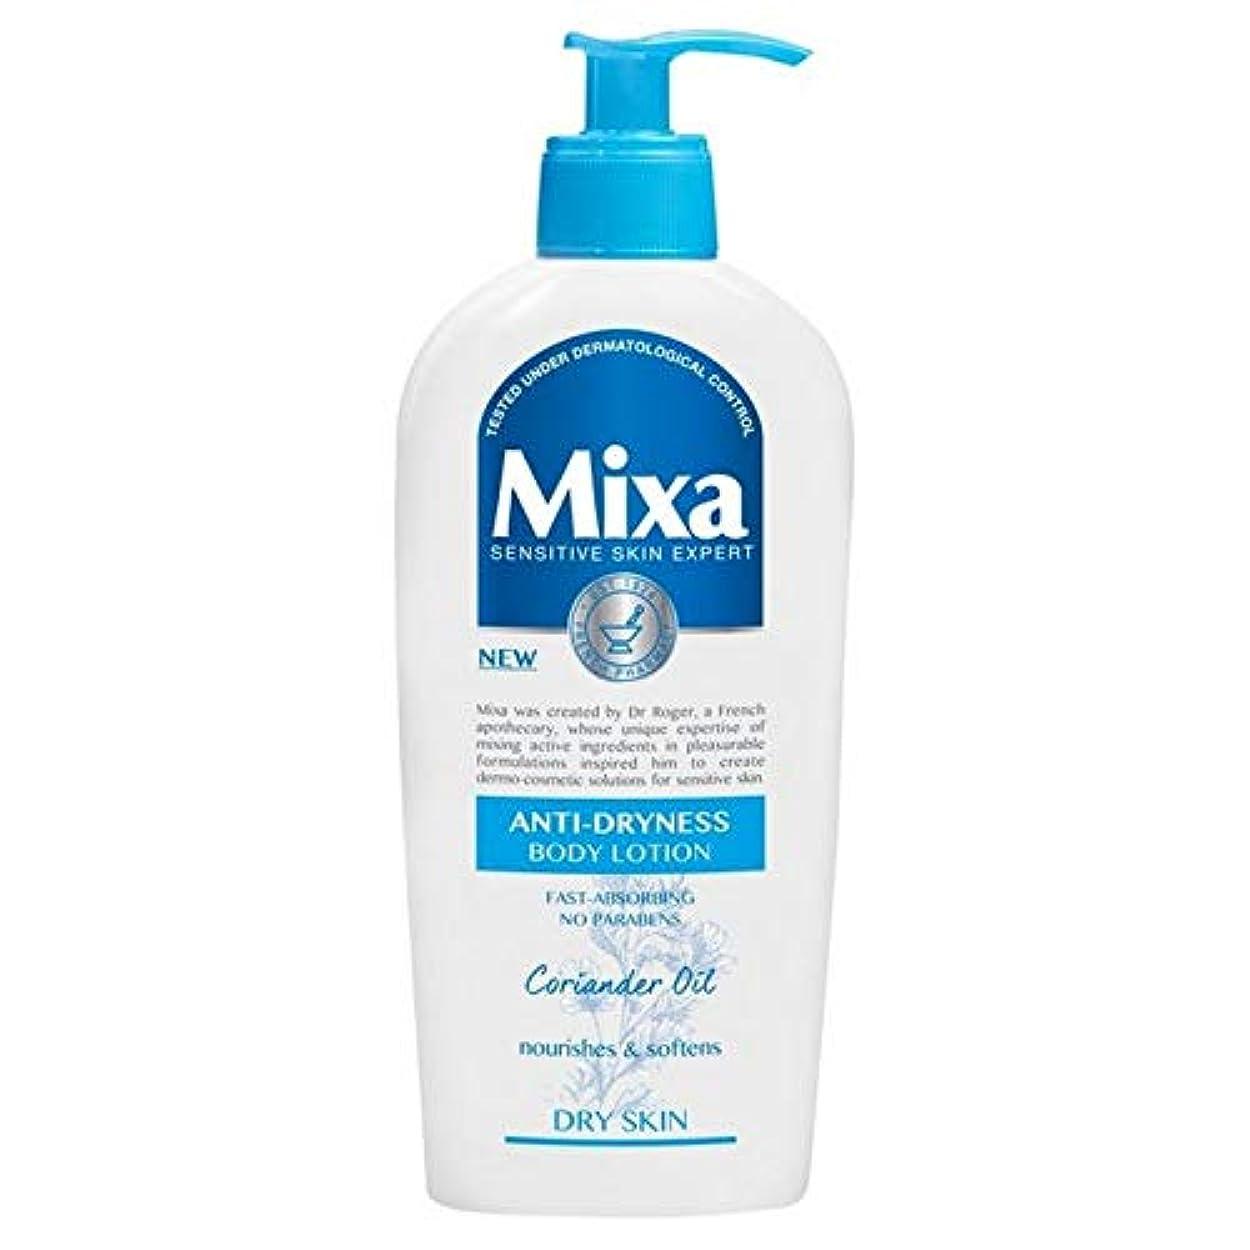 浴室虎直径[Mixa] Mixa抗乾燥ボディローション250ミリリットル - Mixa Anti-Dryness Body Lotion 250ml [並行輸入品]